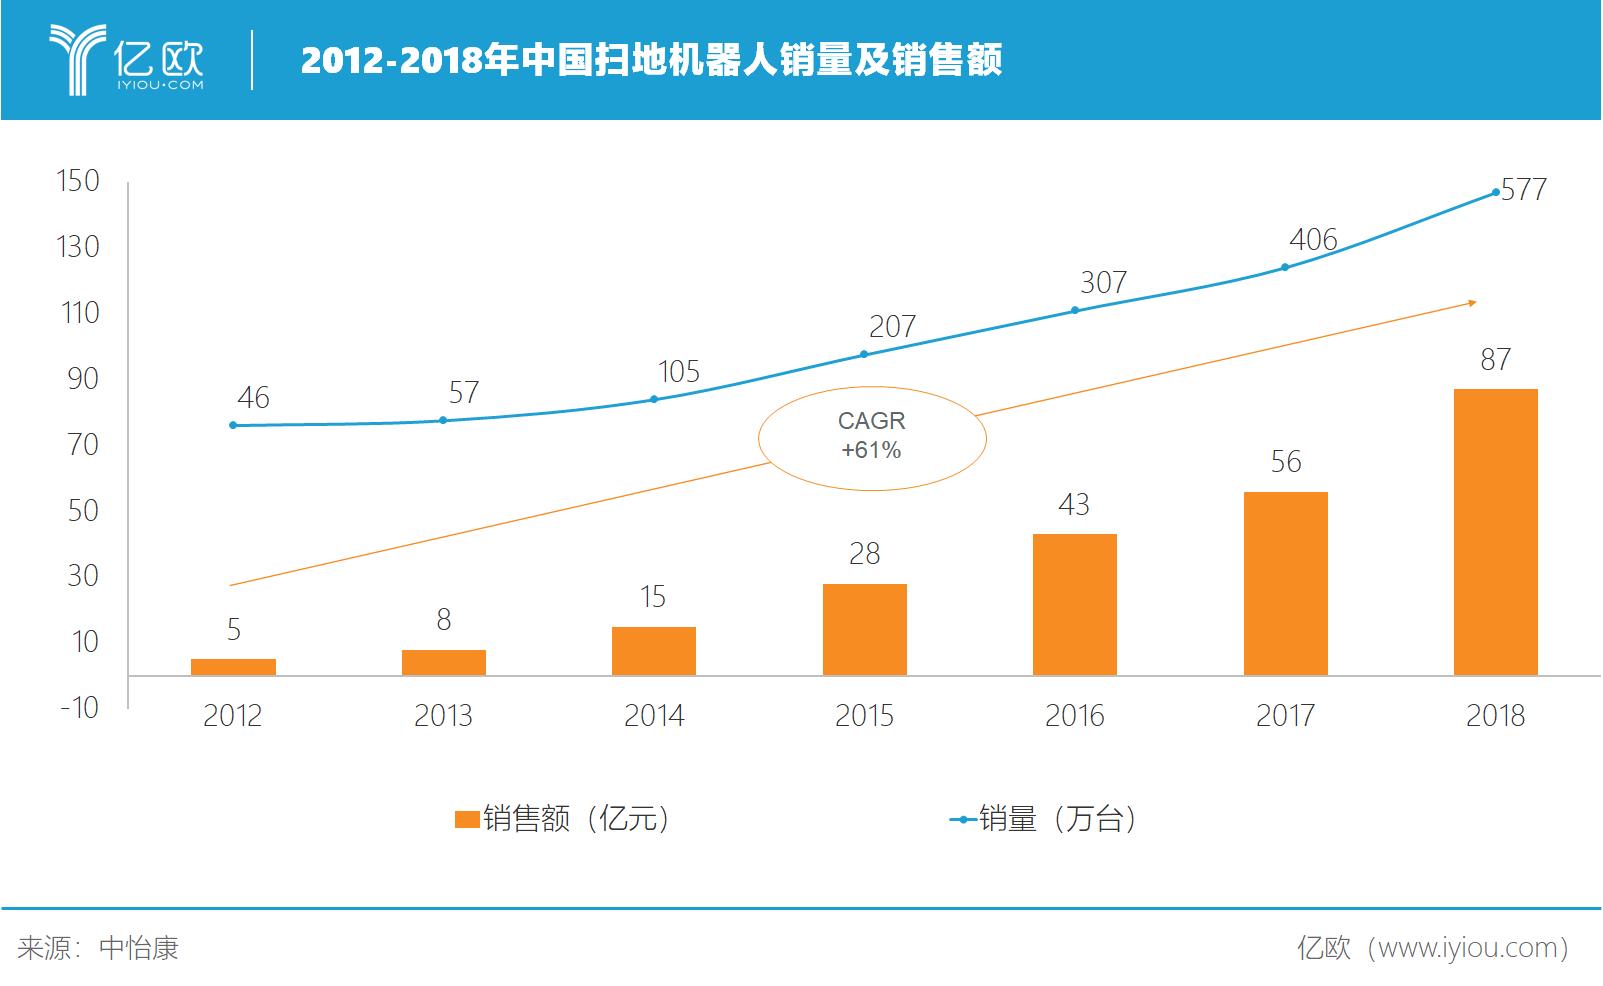 必赢亚州366net智库:2012-2018年中国扫地机器人销量及销售额